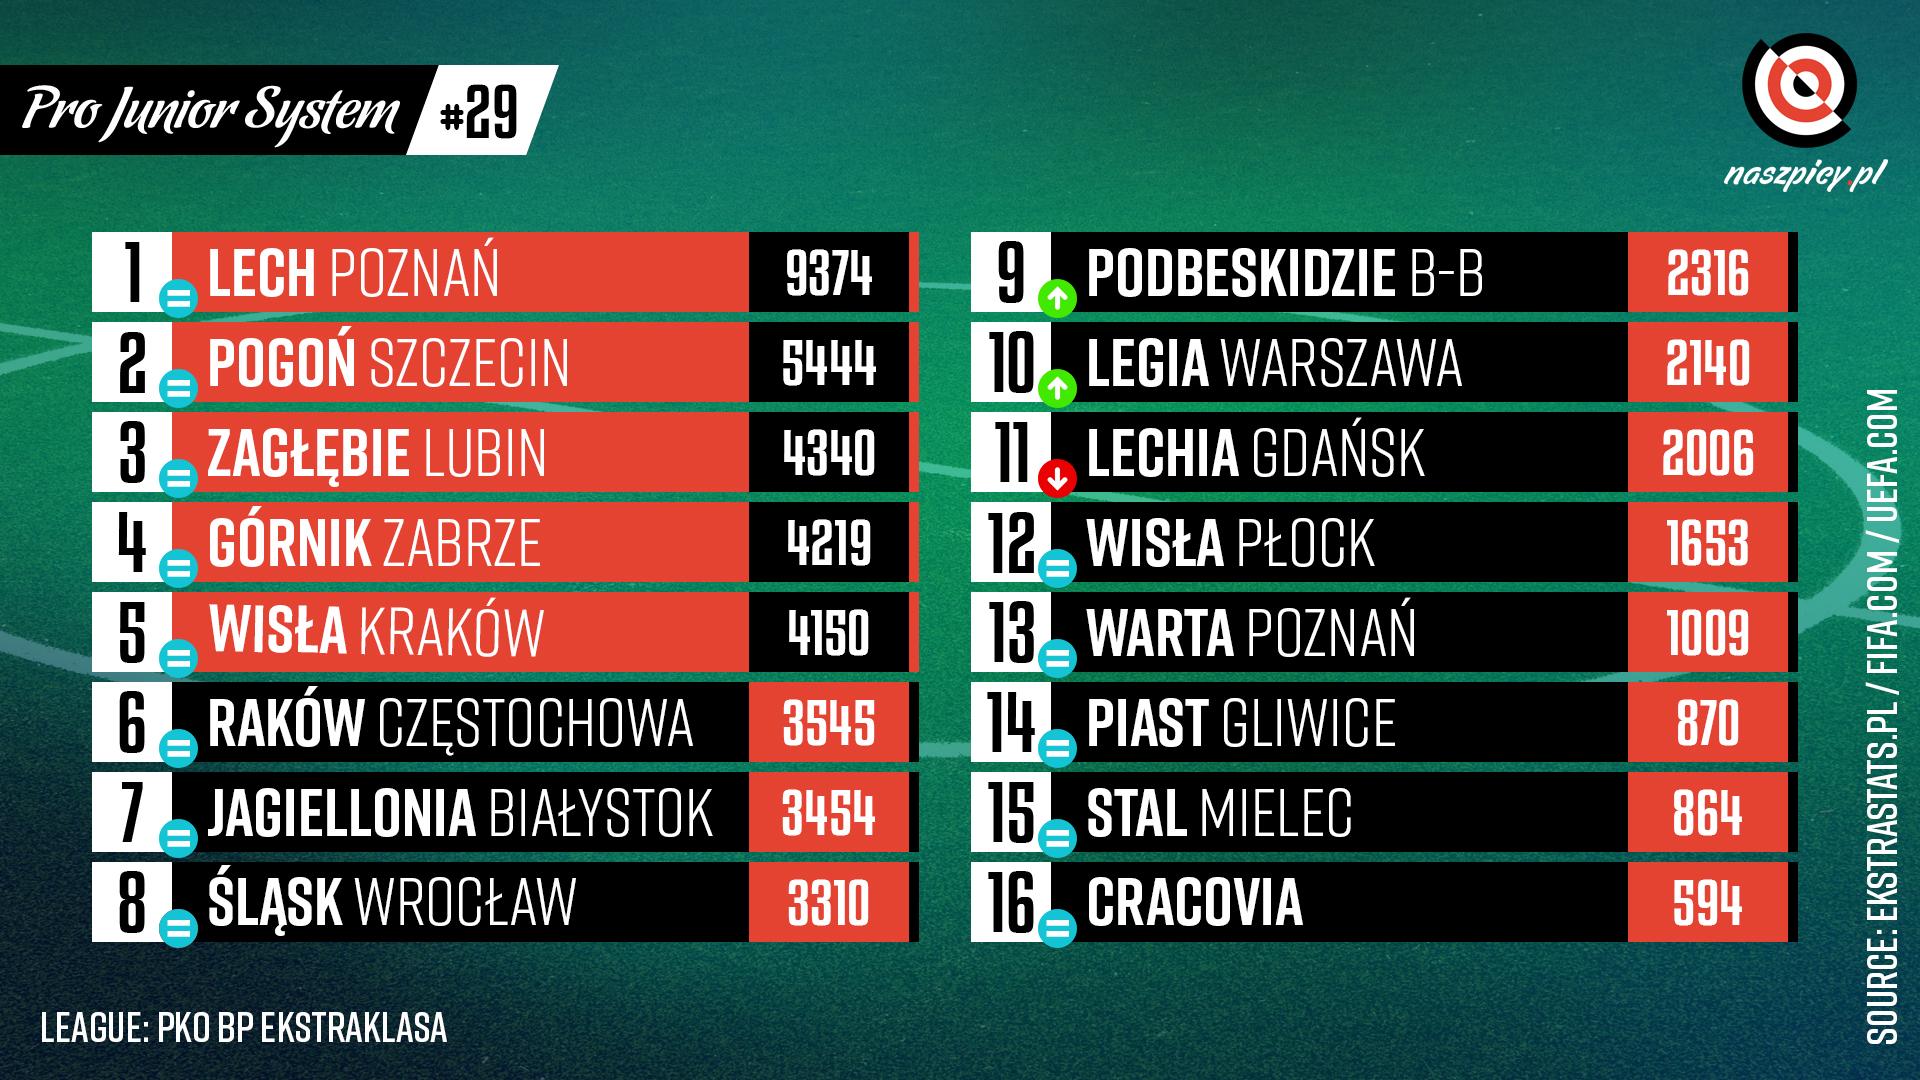 Punktacja Pro Junior System po 29. kolejce PKO Ekstraklasy<br><br>Źródło: Opracowanie własne na podstawie ekstrastats.pl<br><br>graf. Bartosz Urban